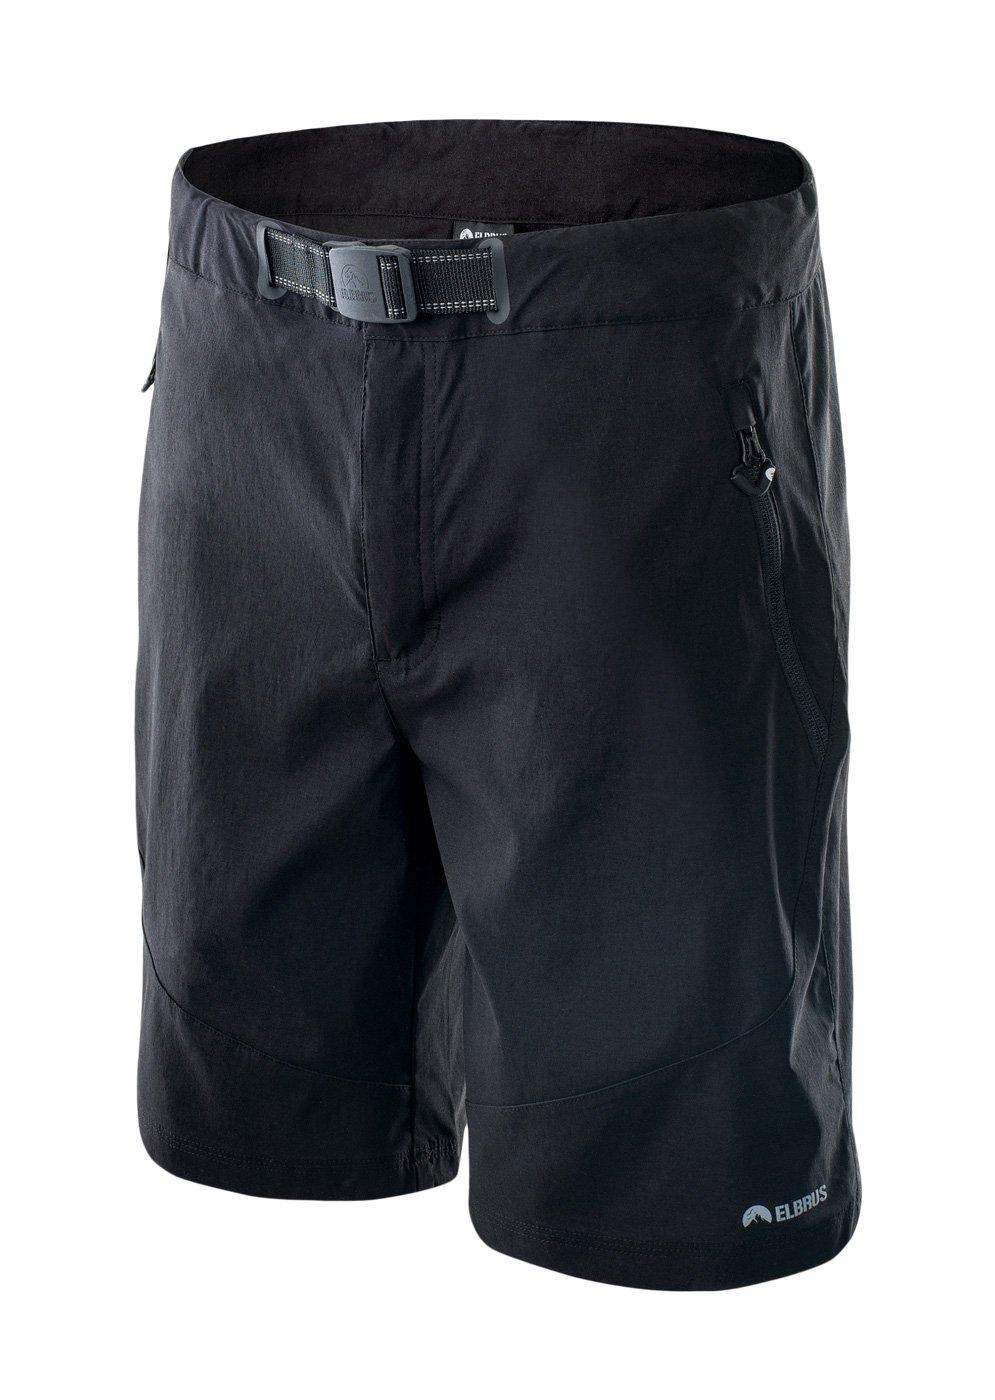 Elbrus Herren Davis Softshell Shorts